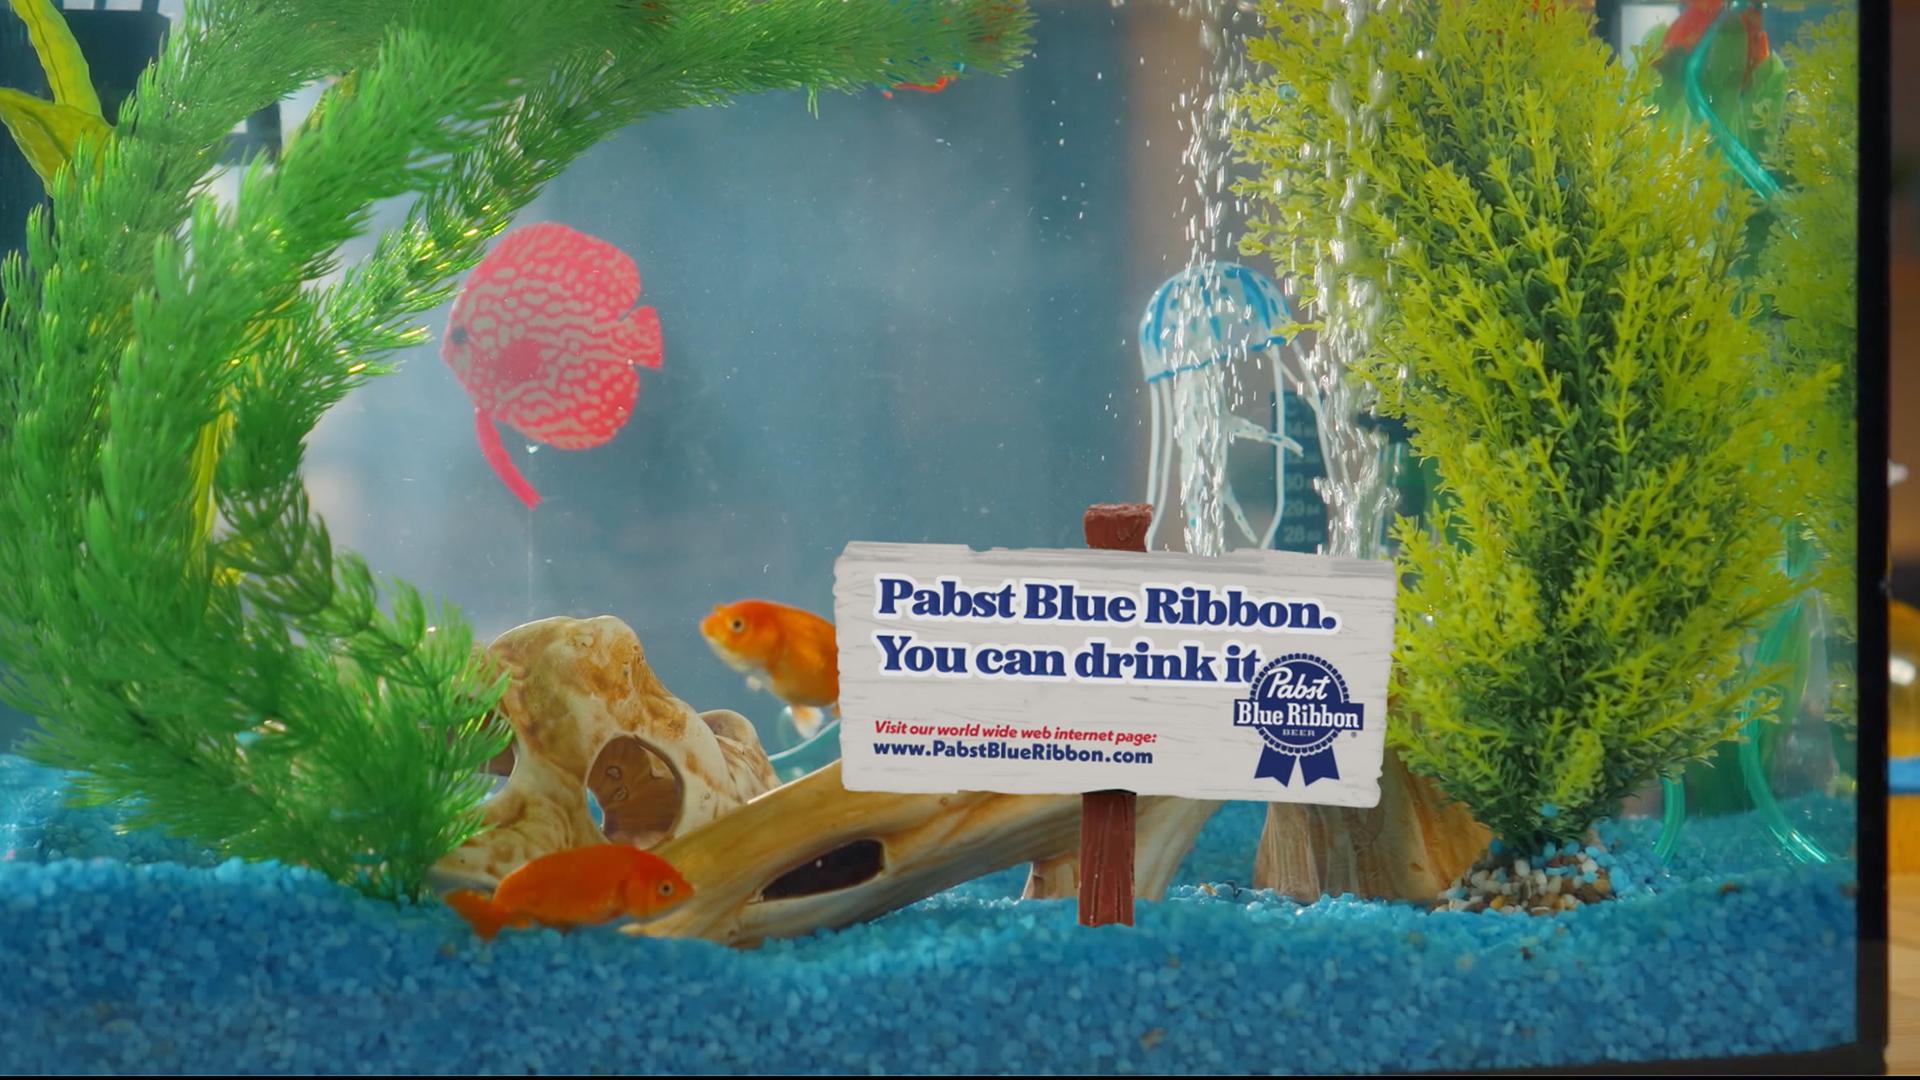 PBR fish bowl billboard